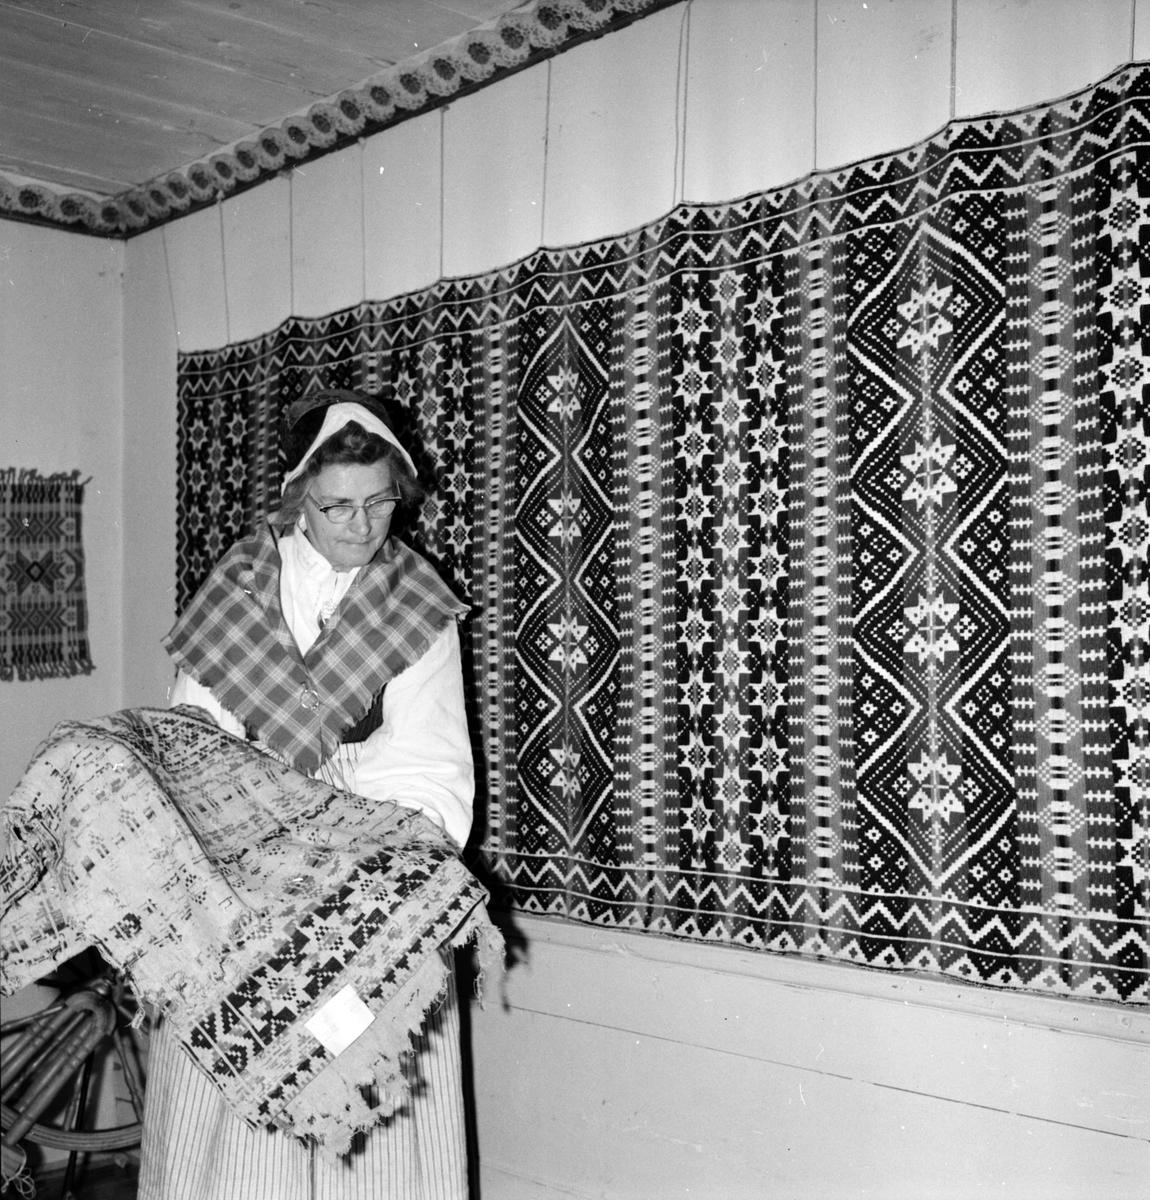 Vallsta, Utställning av bonader i Hemslöjdsgården, Eva Källgren, 1 Juli 1965